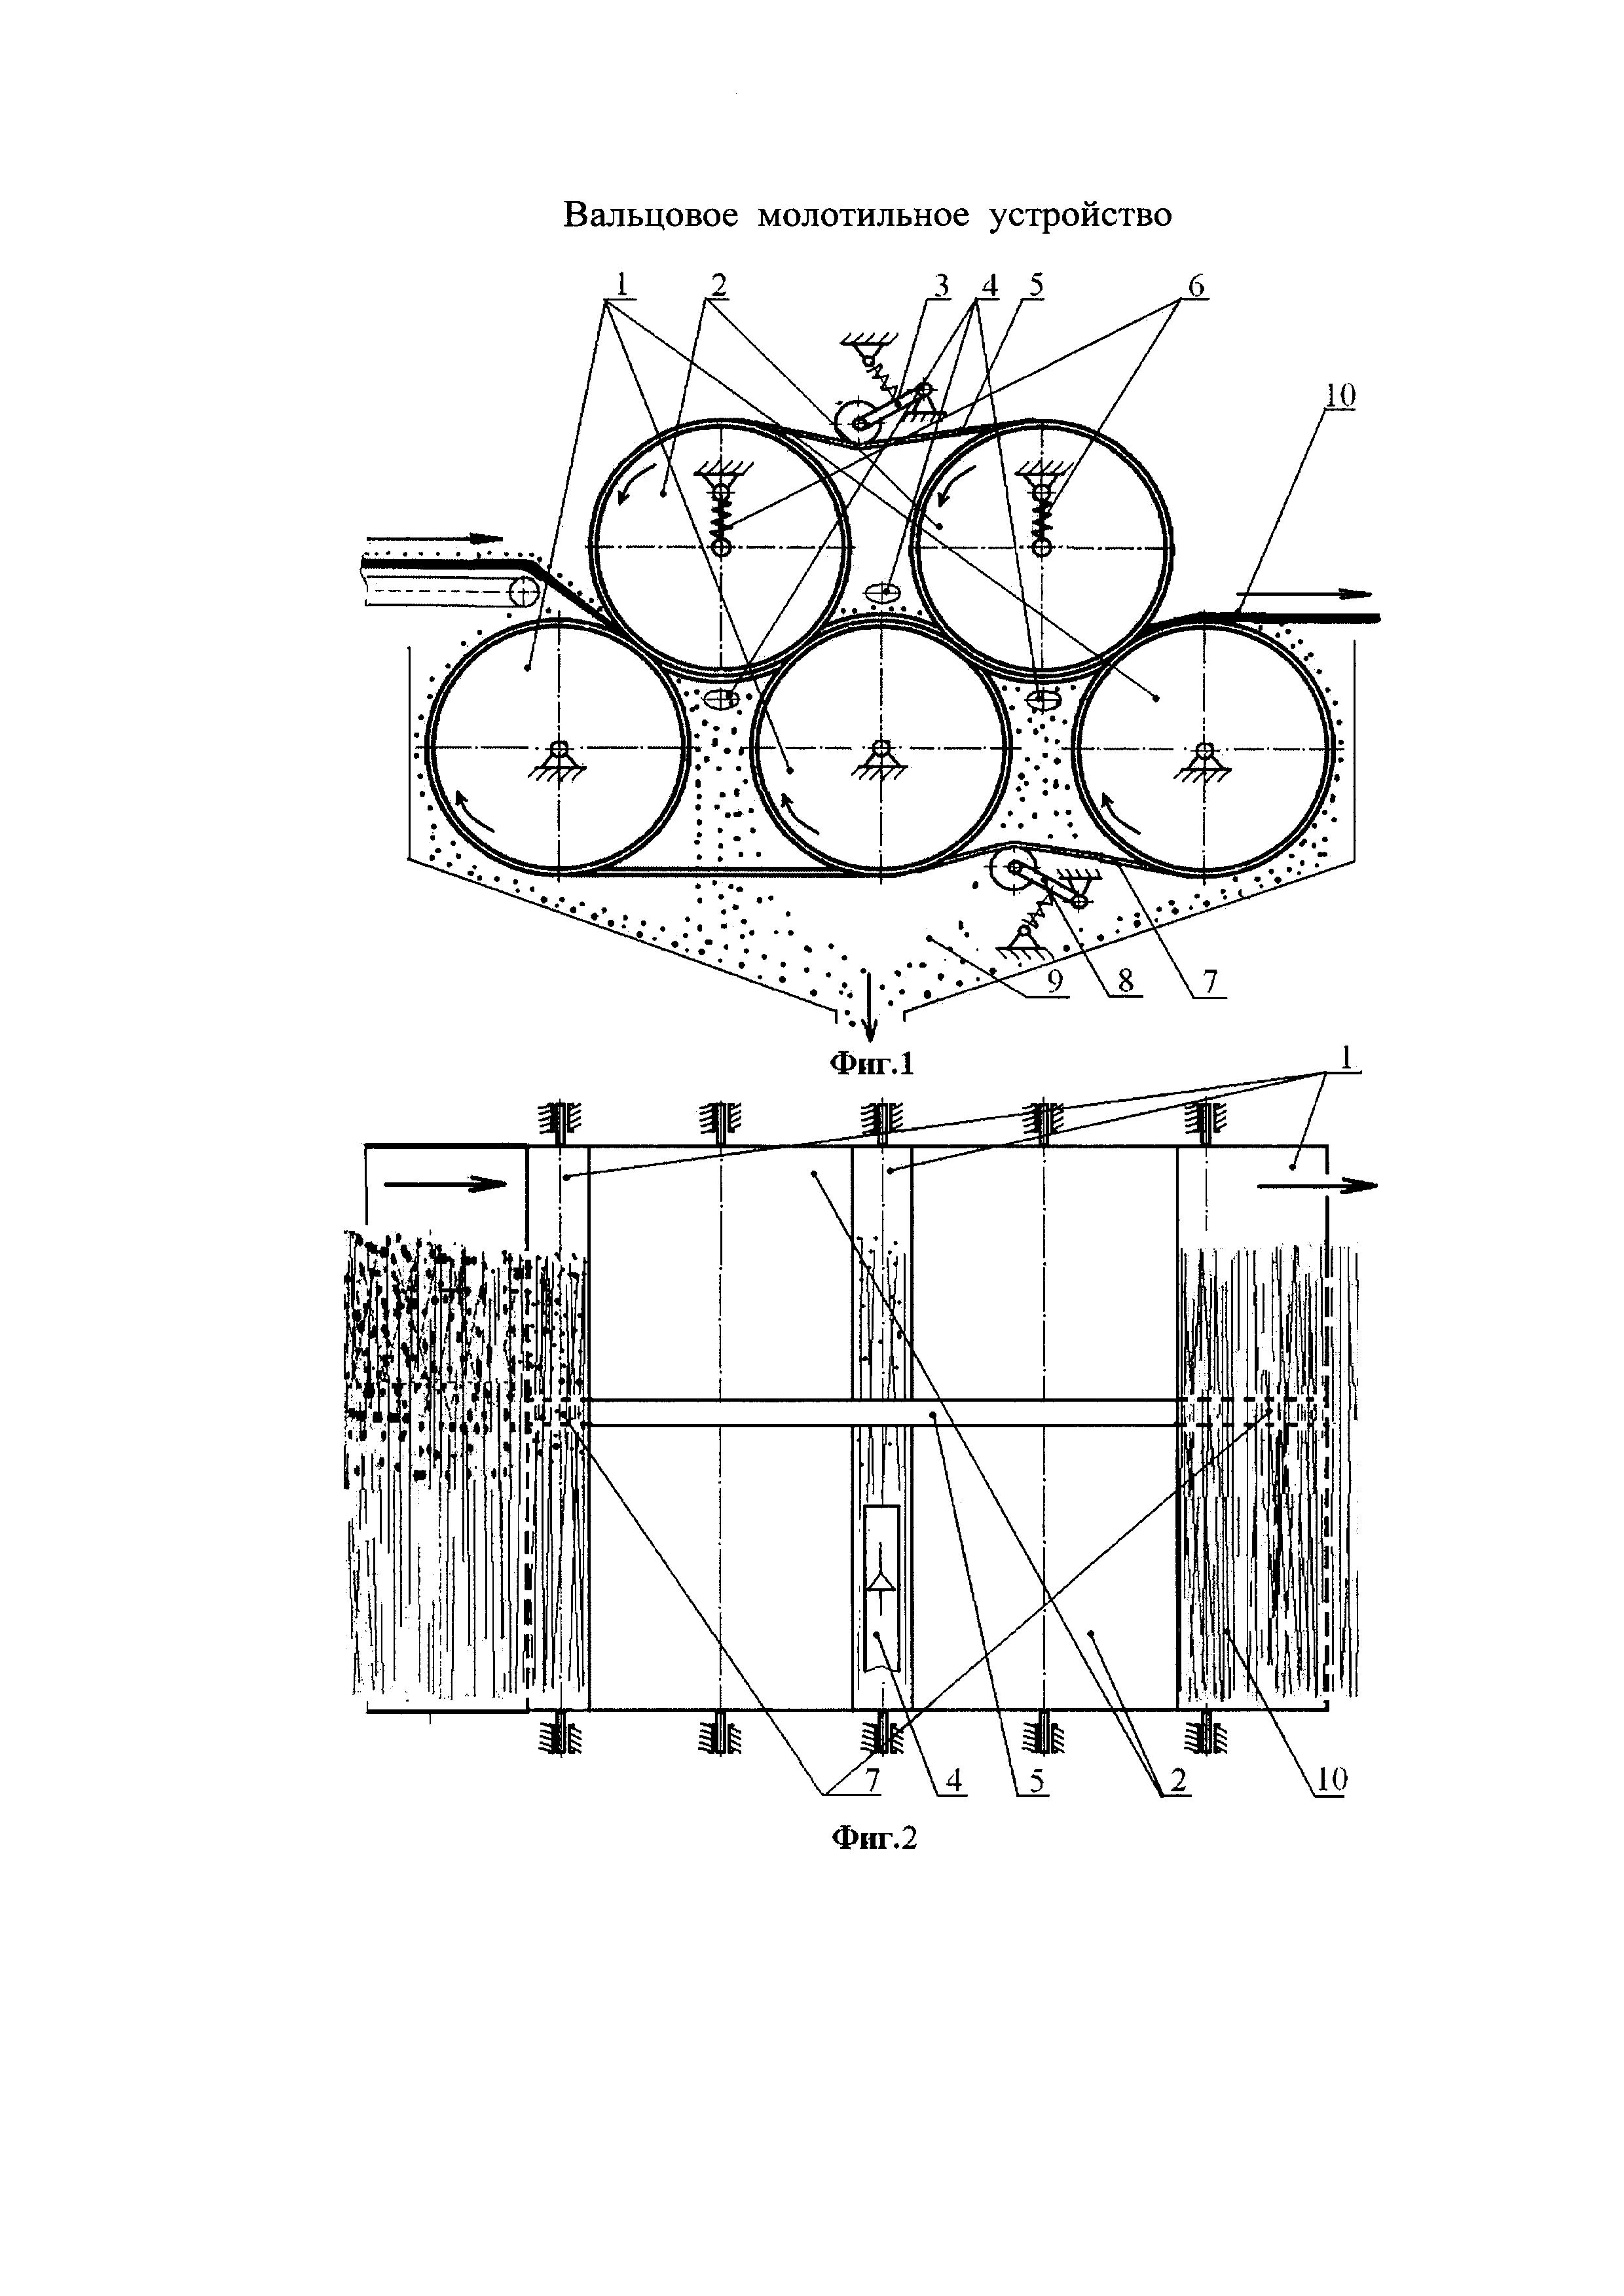 Вальцовое молотильное устройство